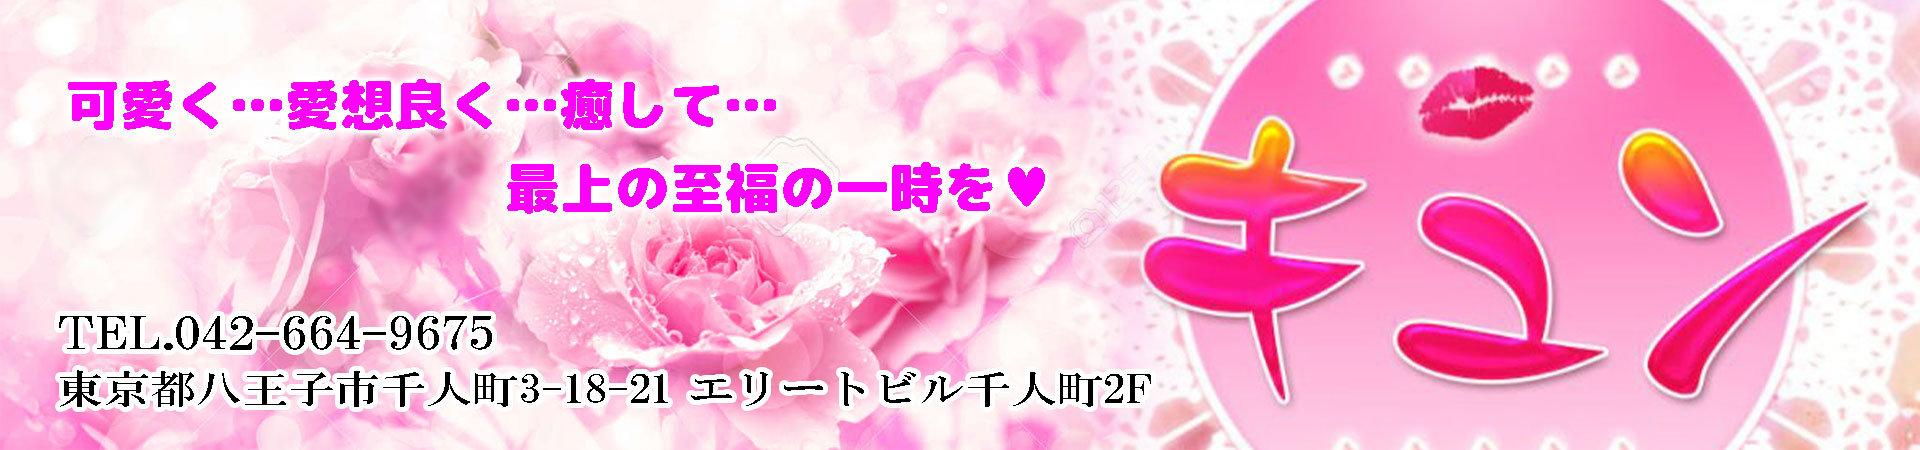 【キュン】西八王子/東京